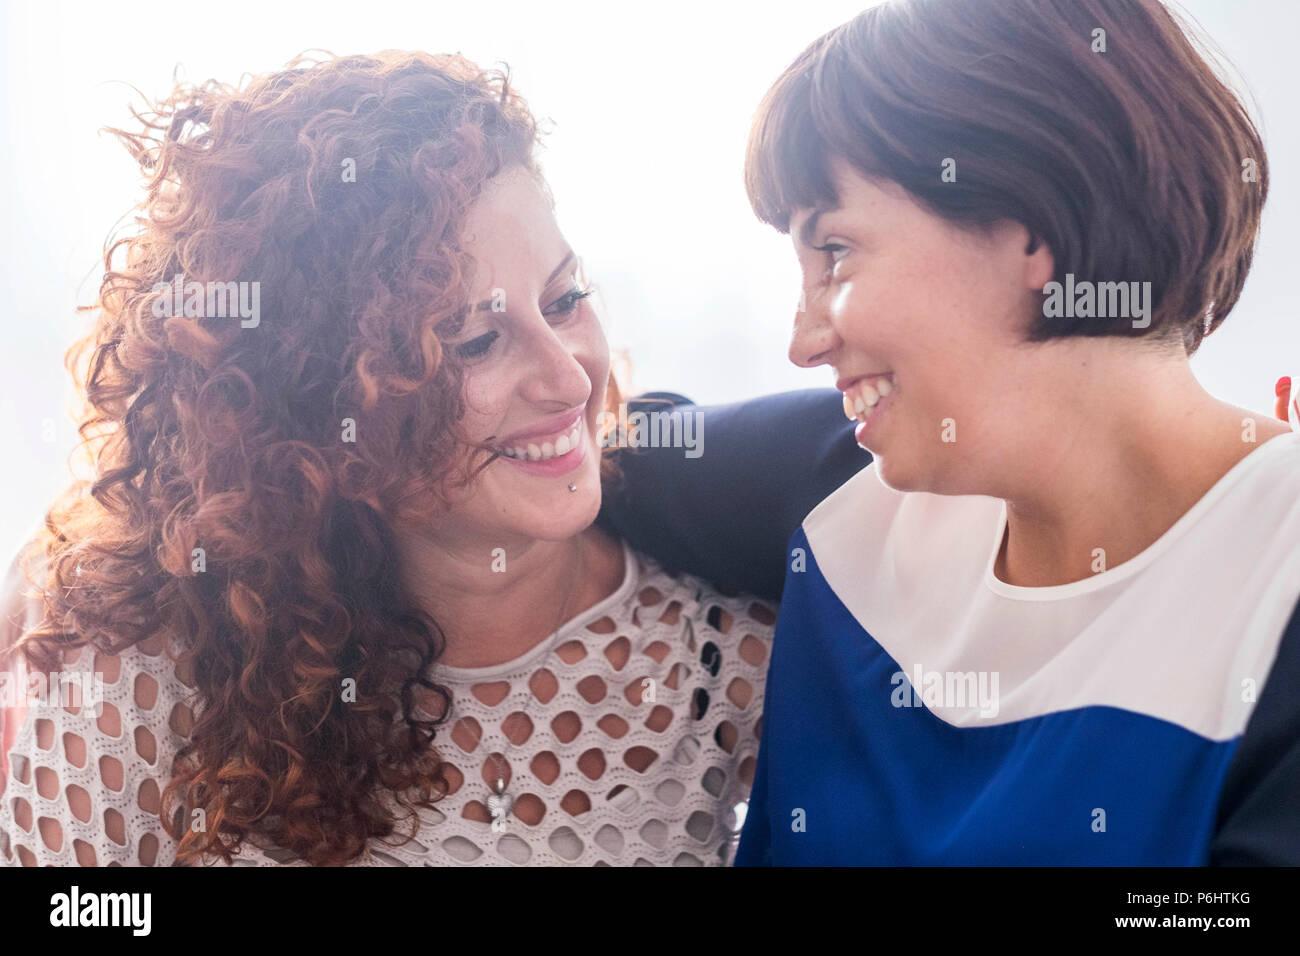 Paar weibliche Freunde zusammen einander lächelnd. Genießen Sie friendshiop und Beziehung. Kaukasische schöne junge Frauen mit weißem Hintergrund Stockbild